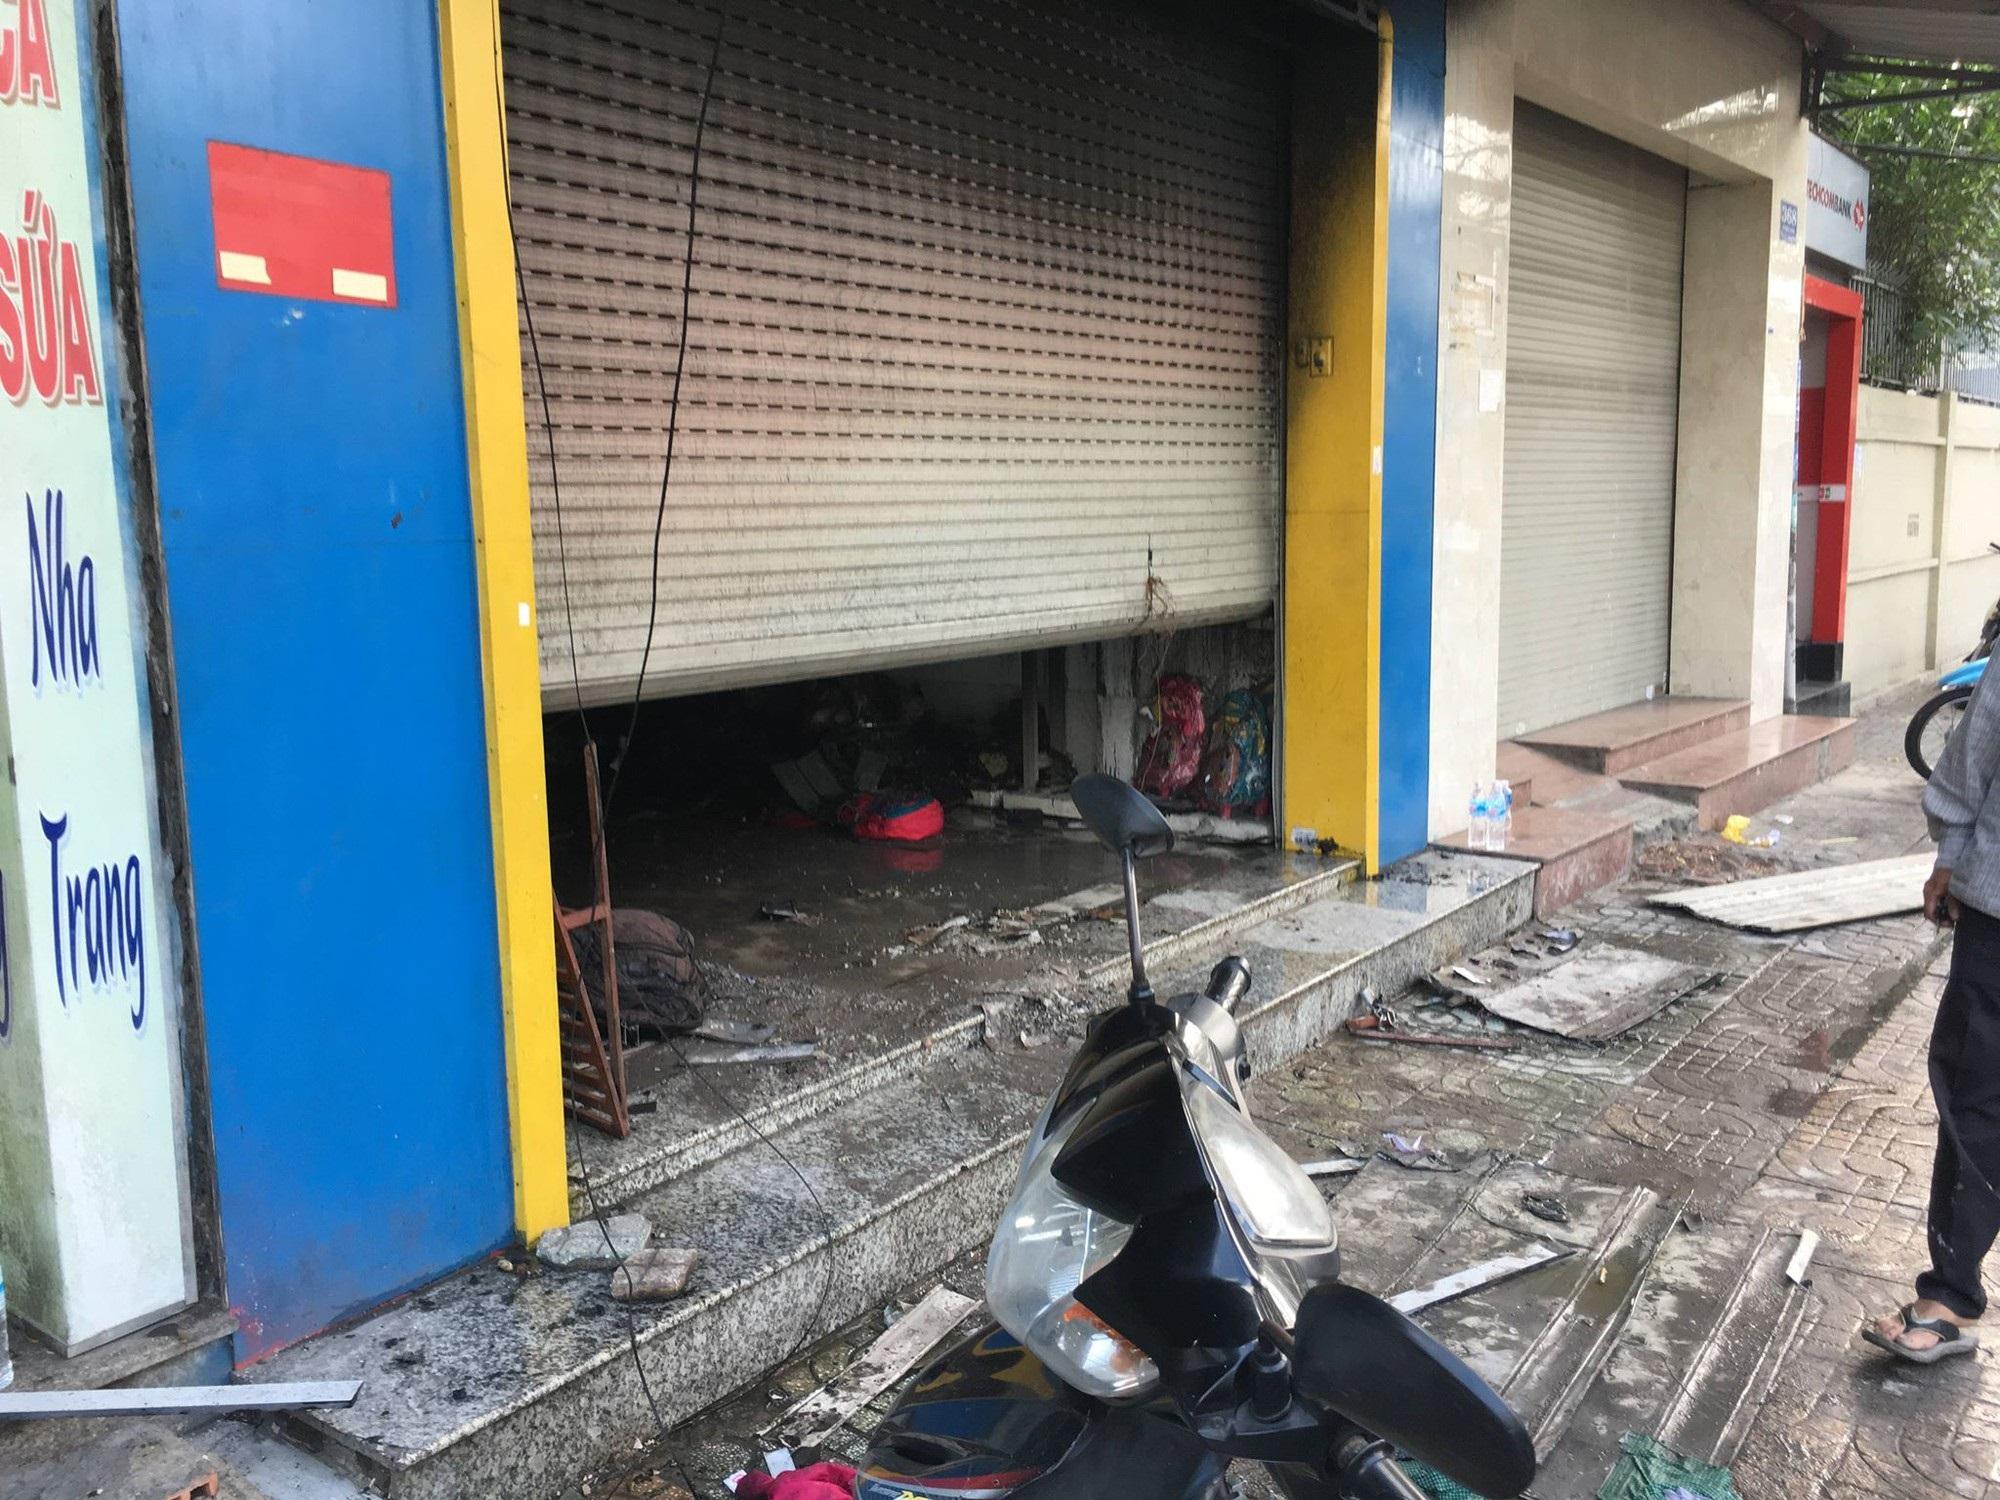 TP.HCM: Hỏa hoạn bất ngờ tại tiệm túi xách lúc rạng sáng, 3 người mắc kẹt chạy lên tầng cao kêu cứu - Ảnh 2